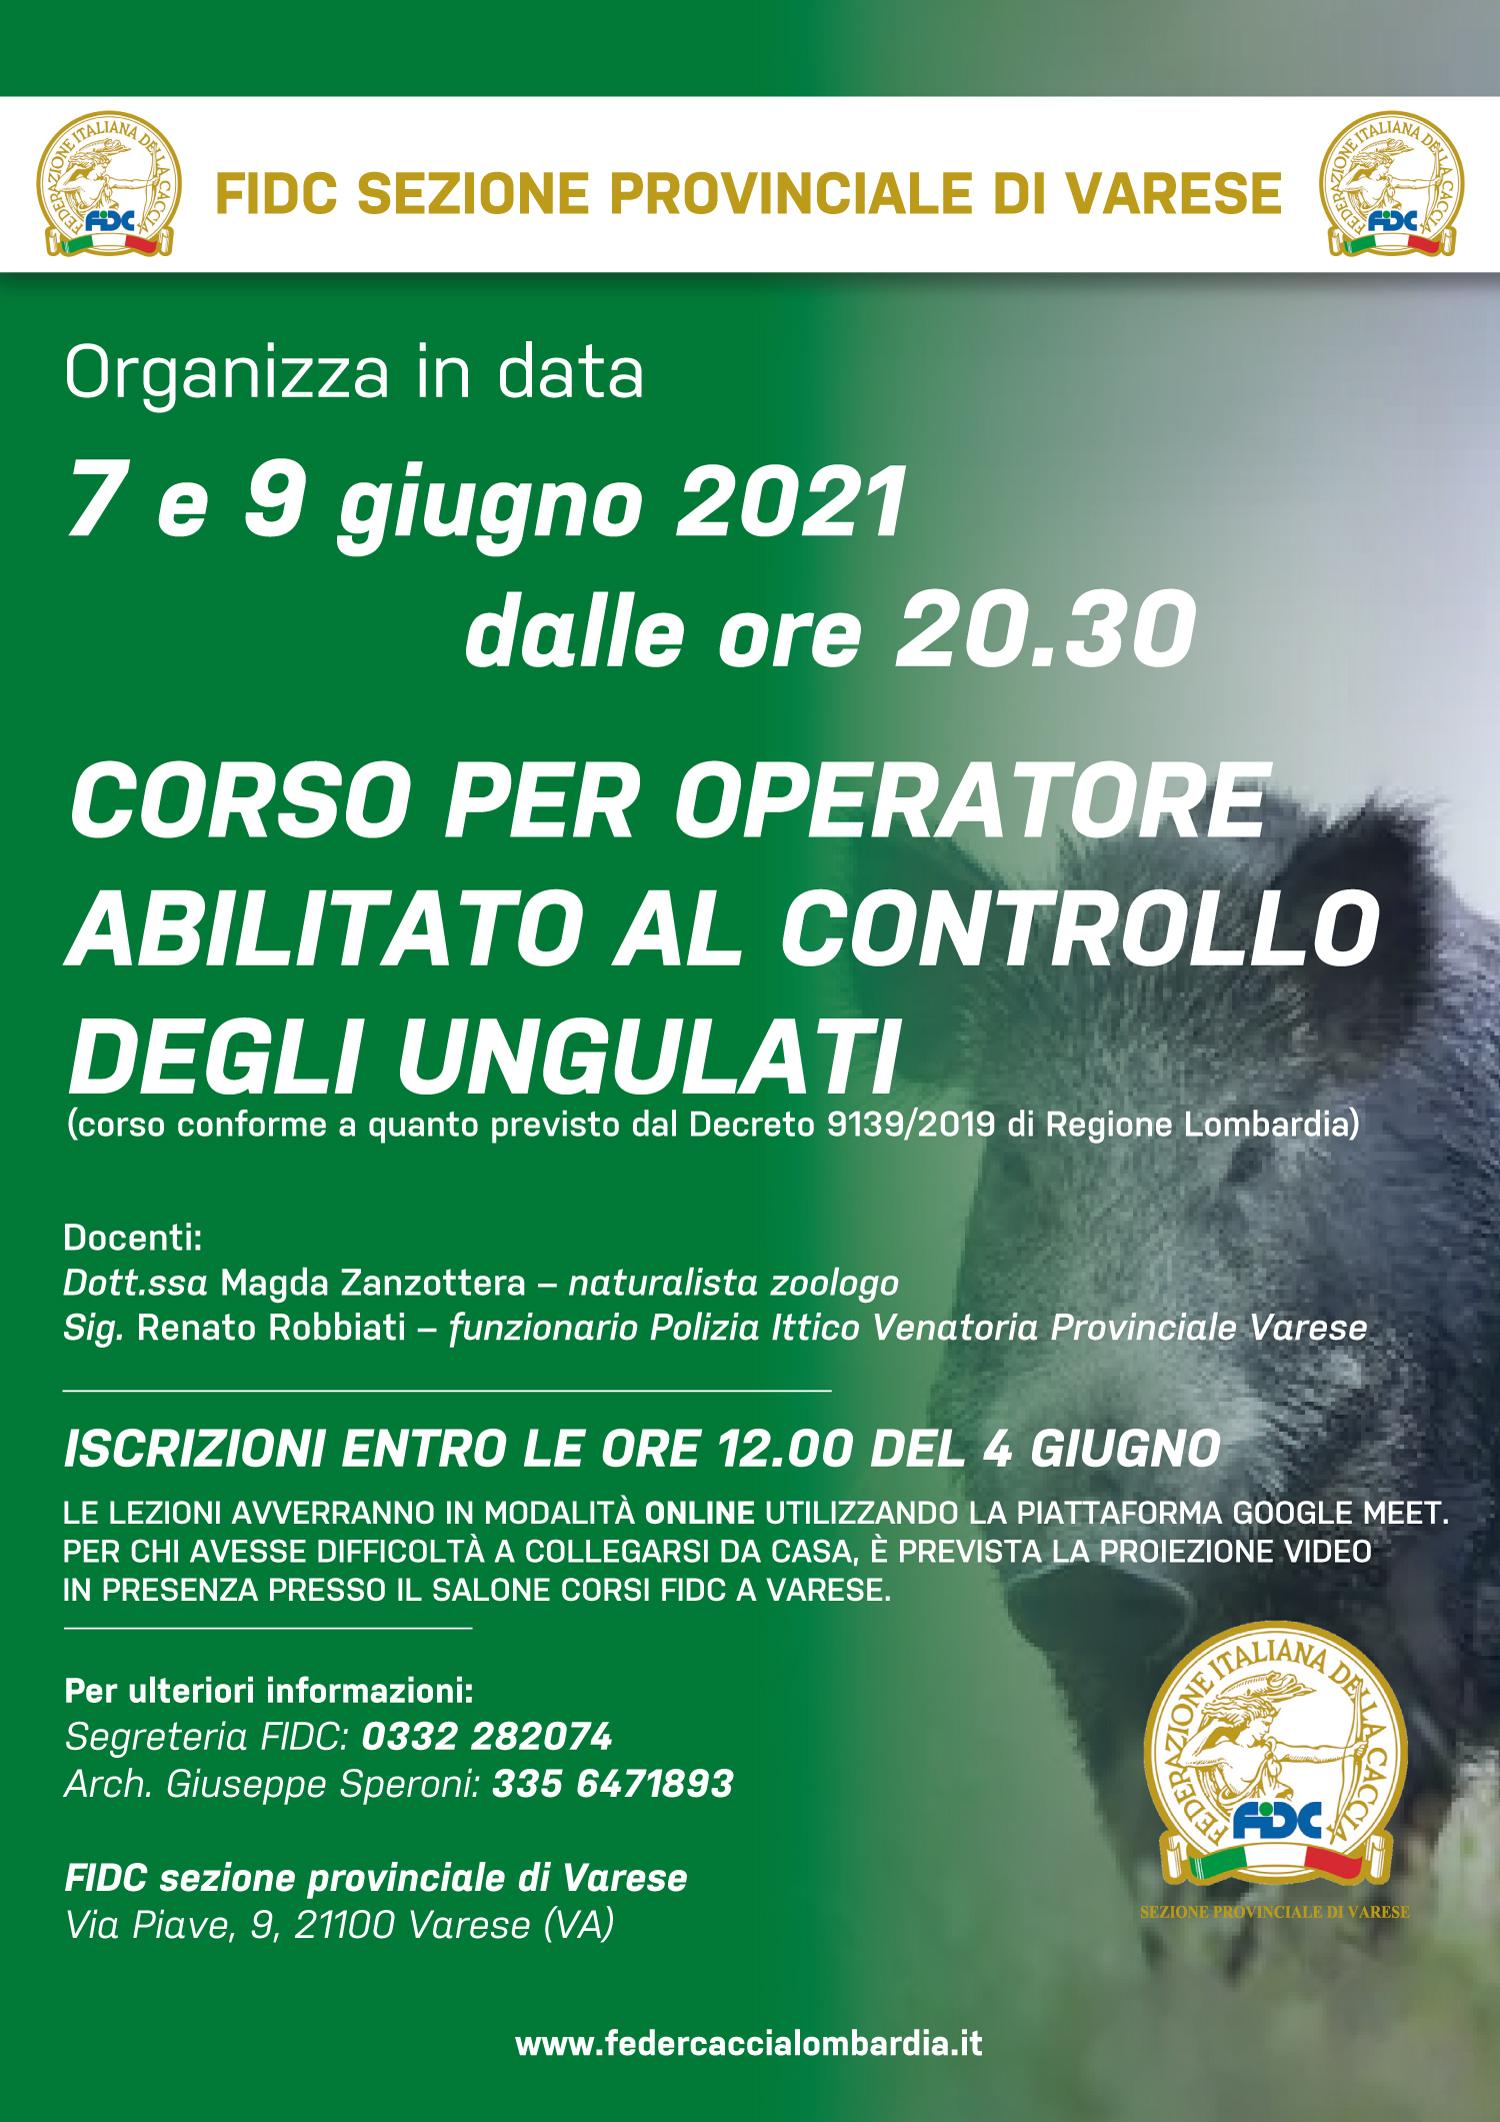 Corso online operatore abilitato al controllo degli ungulati il 7 e 9 giugno grazie a Fidc Varese